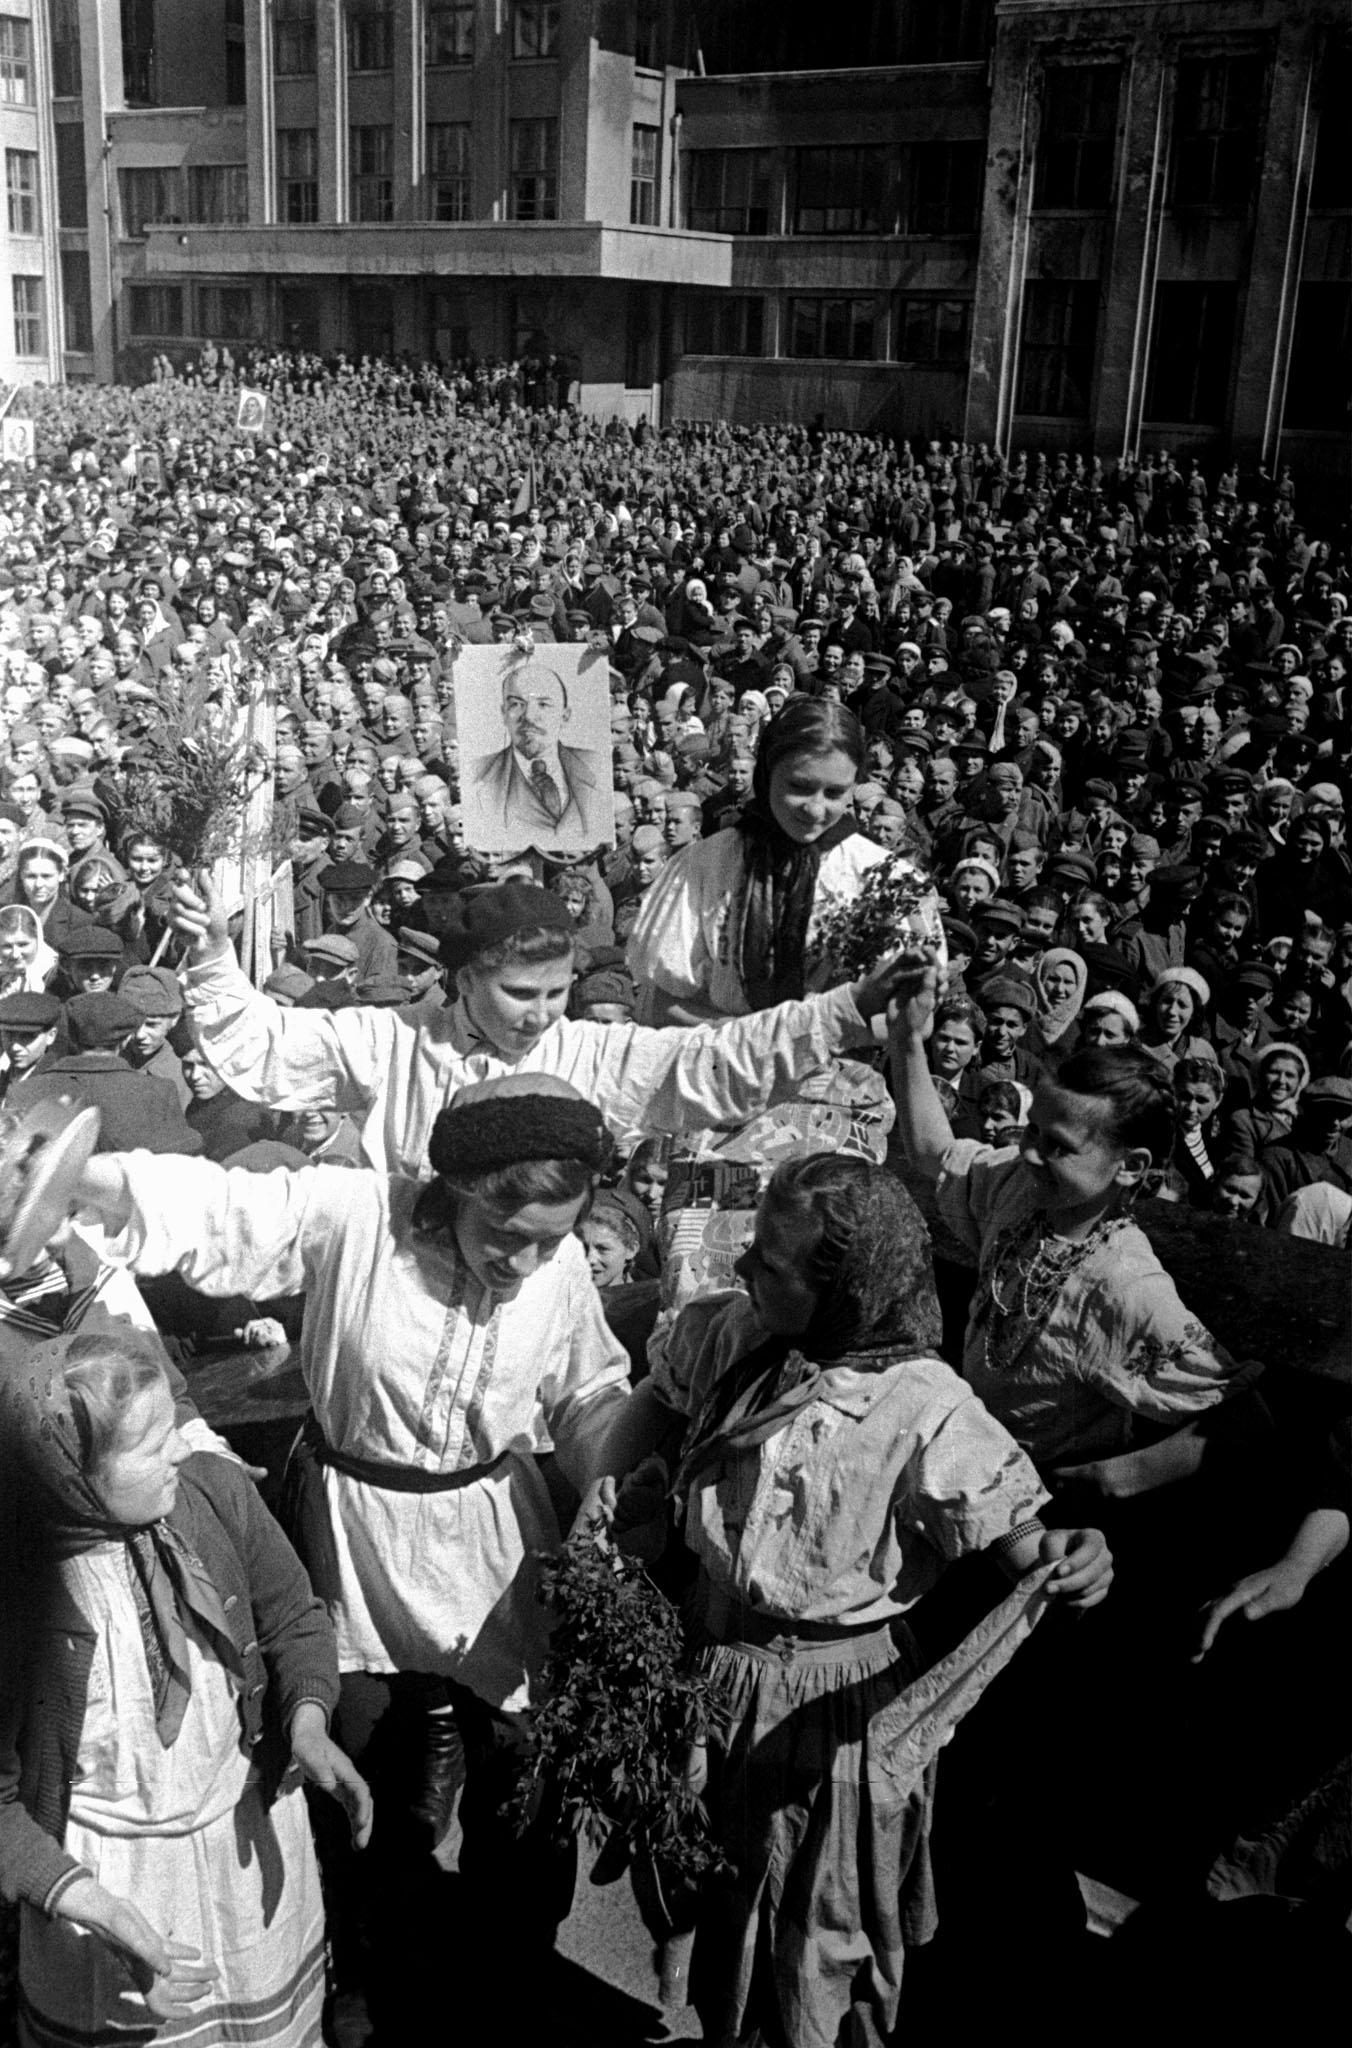 Калі ў Менску ўпершыню пасьля вызваленьня ад нацысцкай акупацыі адбыўся вайсковы парад?